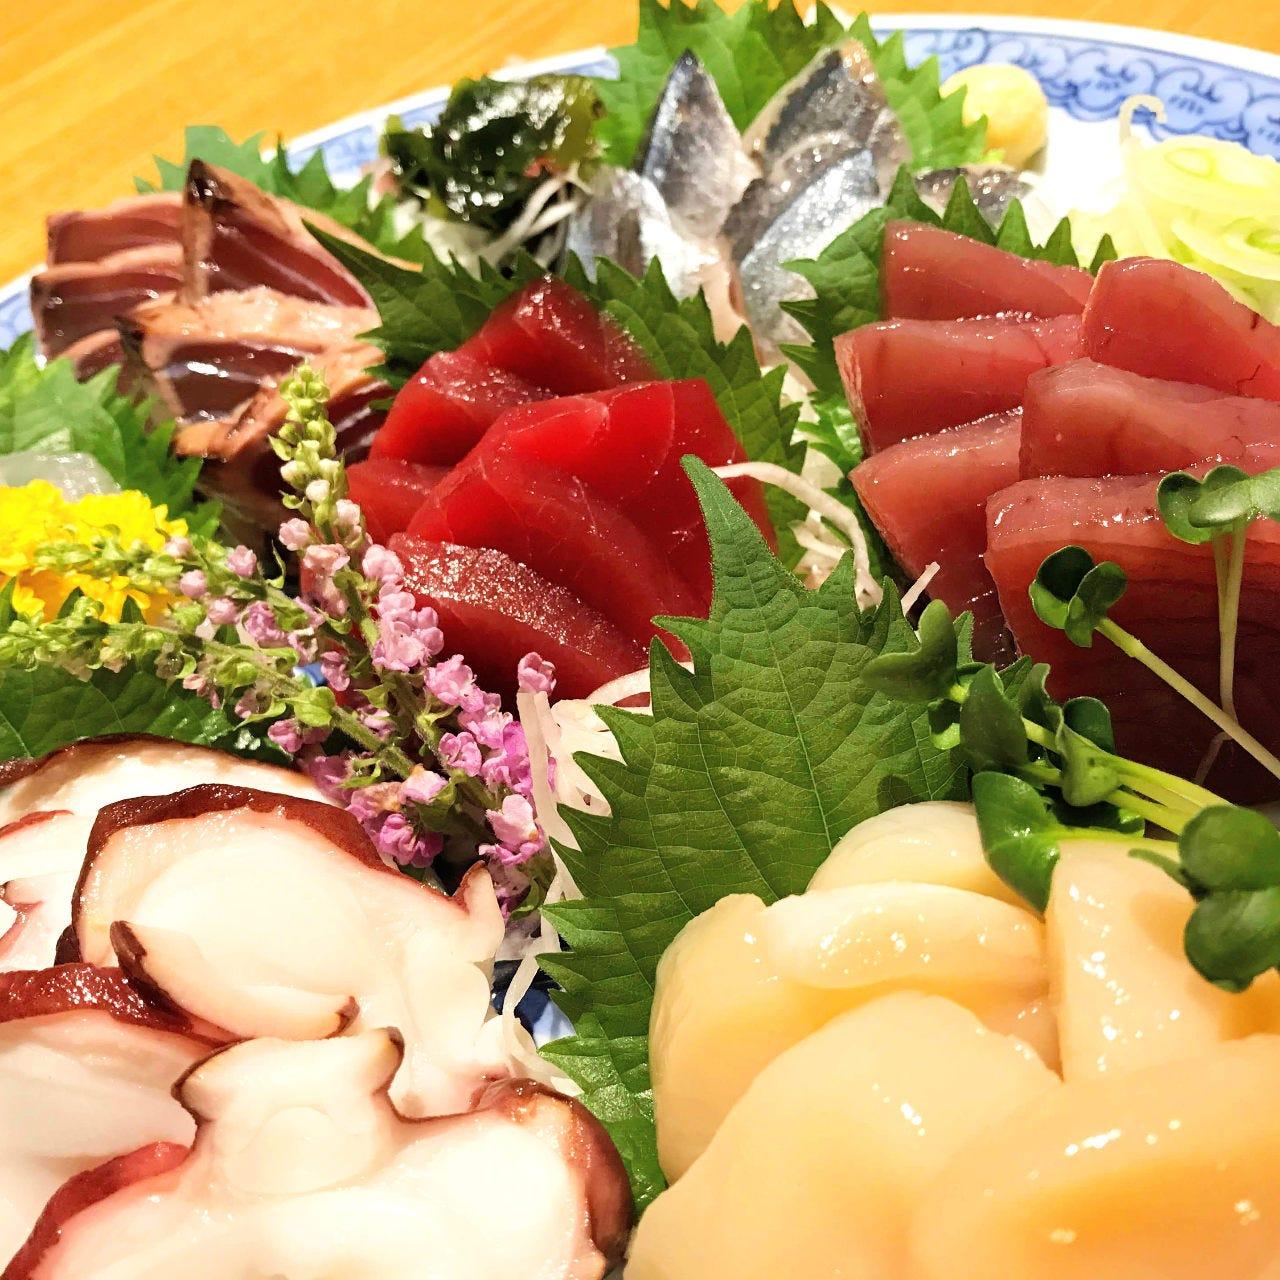 【オススメ】豊洲市場から仕入れる新鮮な魚介